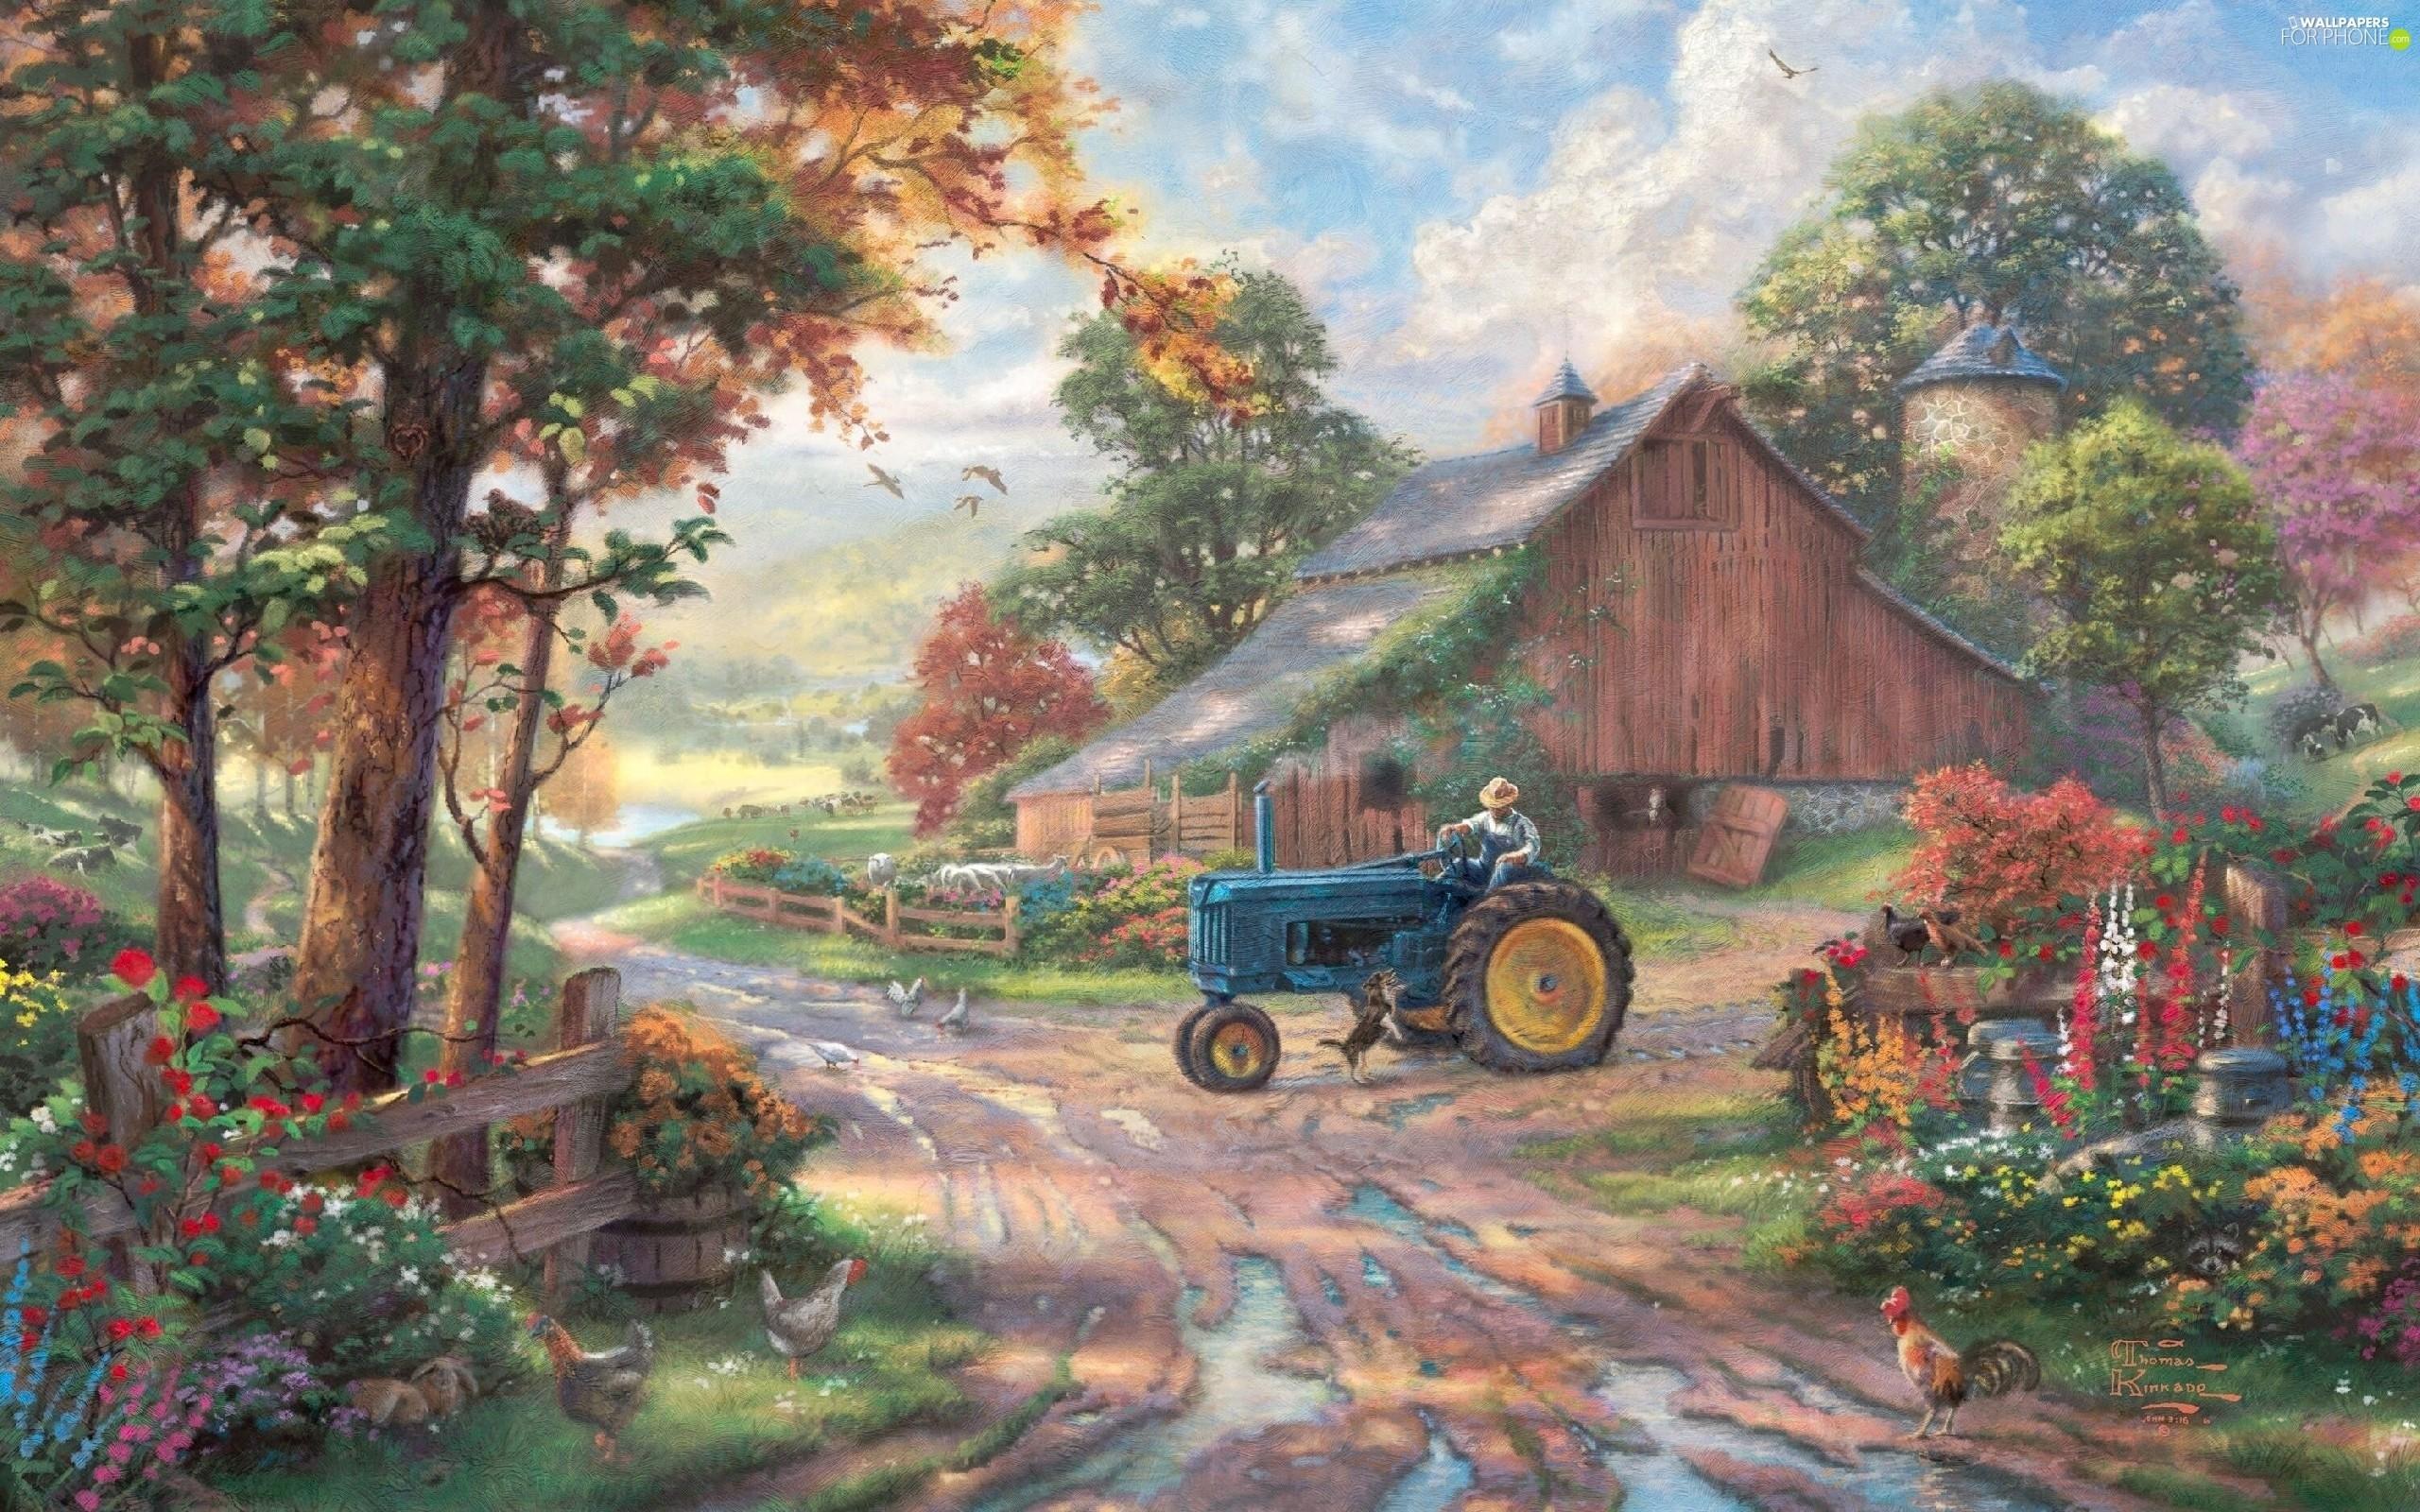 … Thomas Kinkade Thomas, Front Truck, Way, Kinkade, …